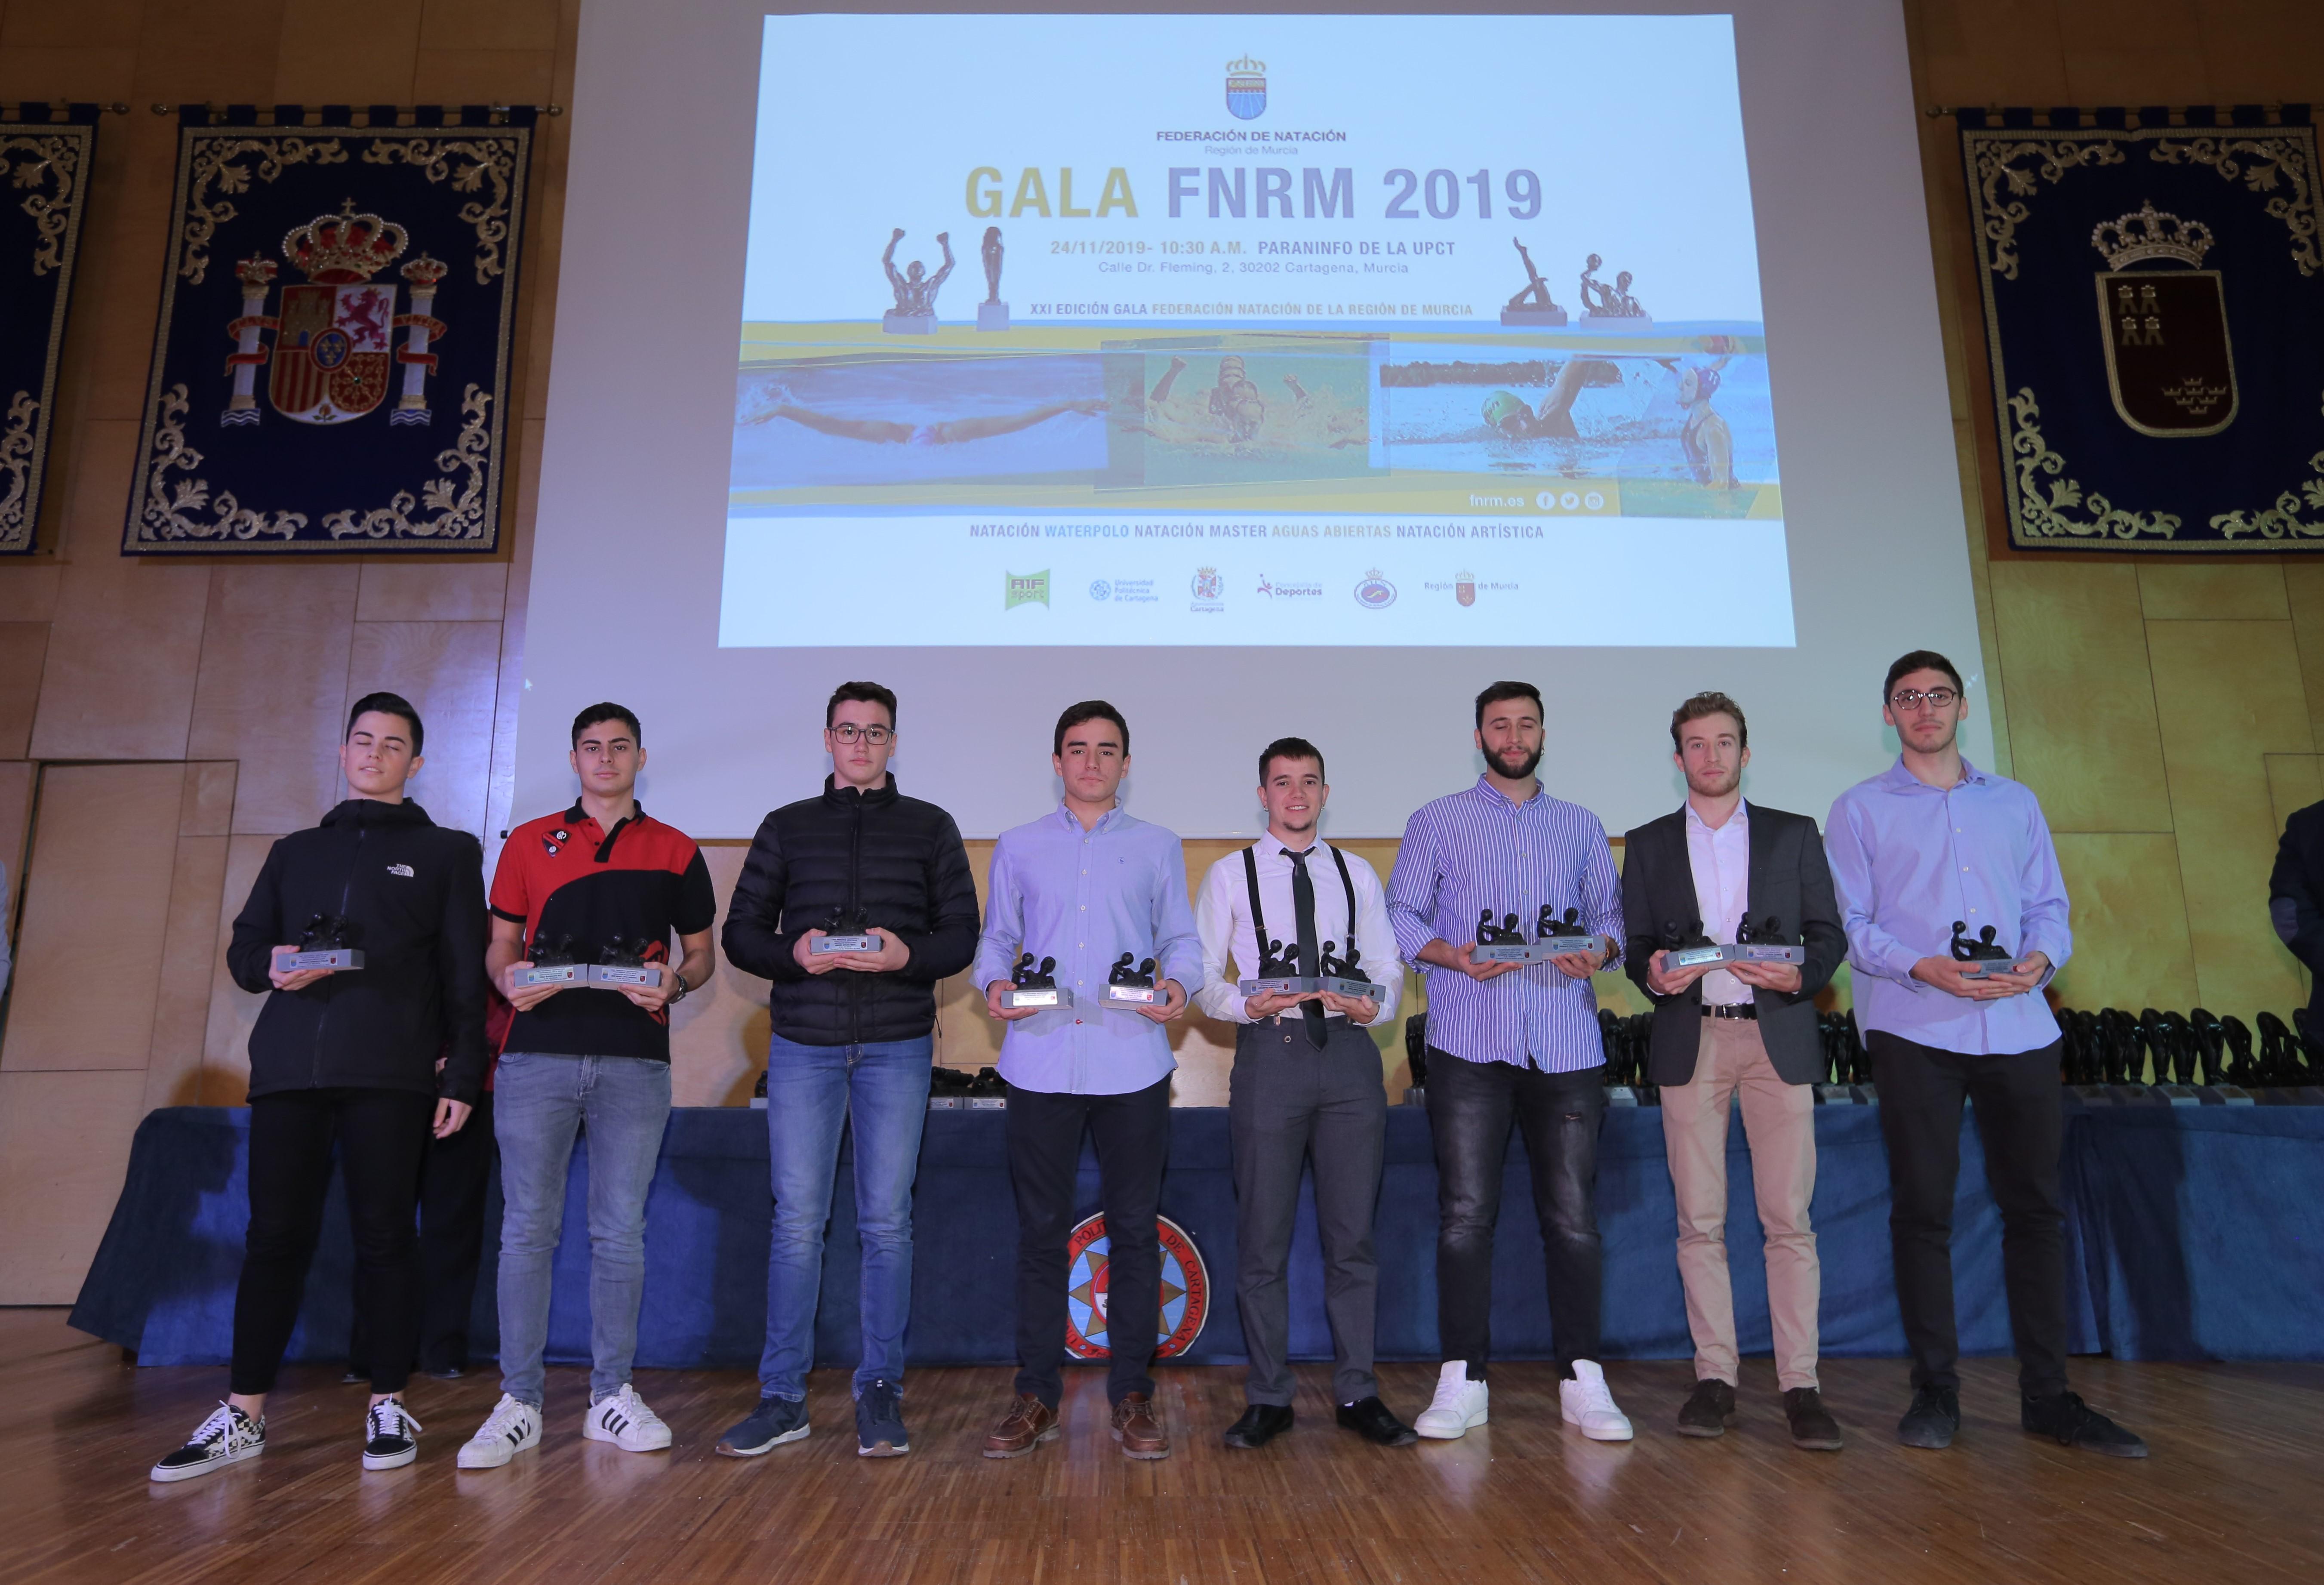 GALA FNRM 2019 (40)